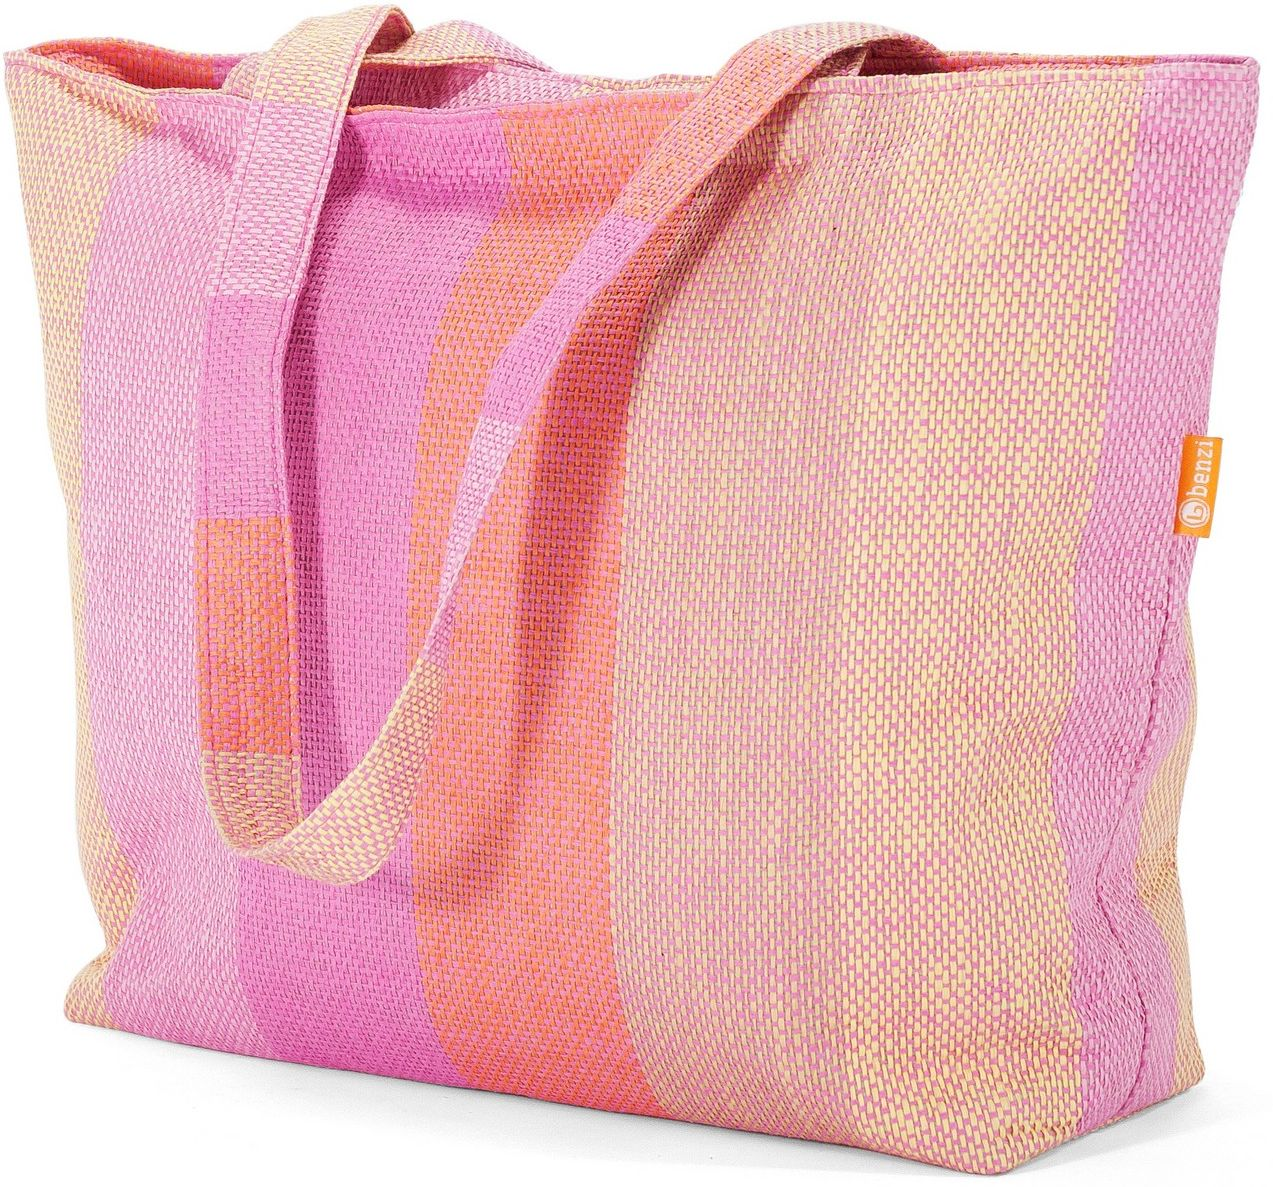 Τσαντα Παραλίας Benzi BZ5199 Ροζ γυναίκα   τσάντες παραλίας